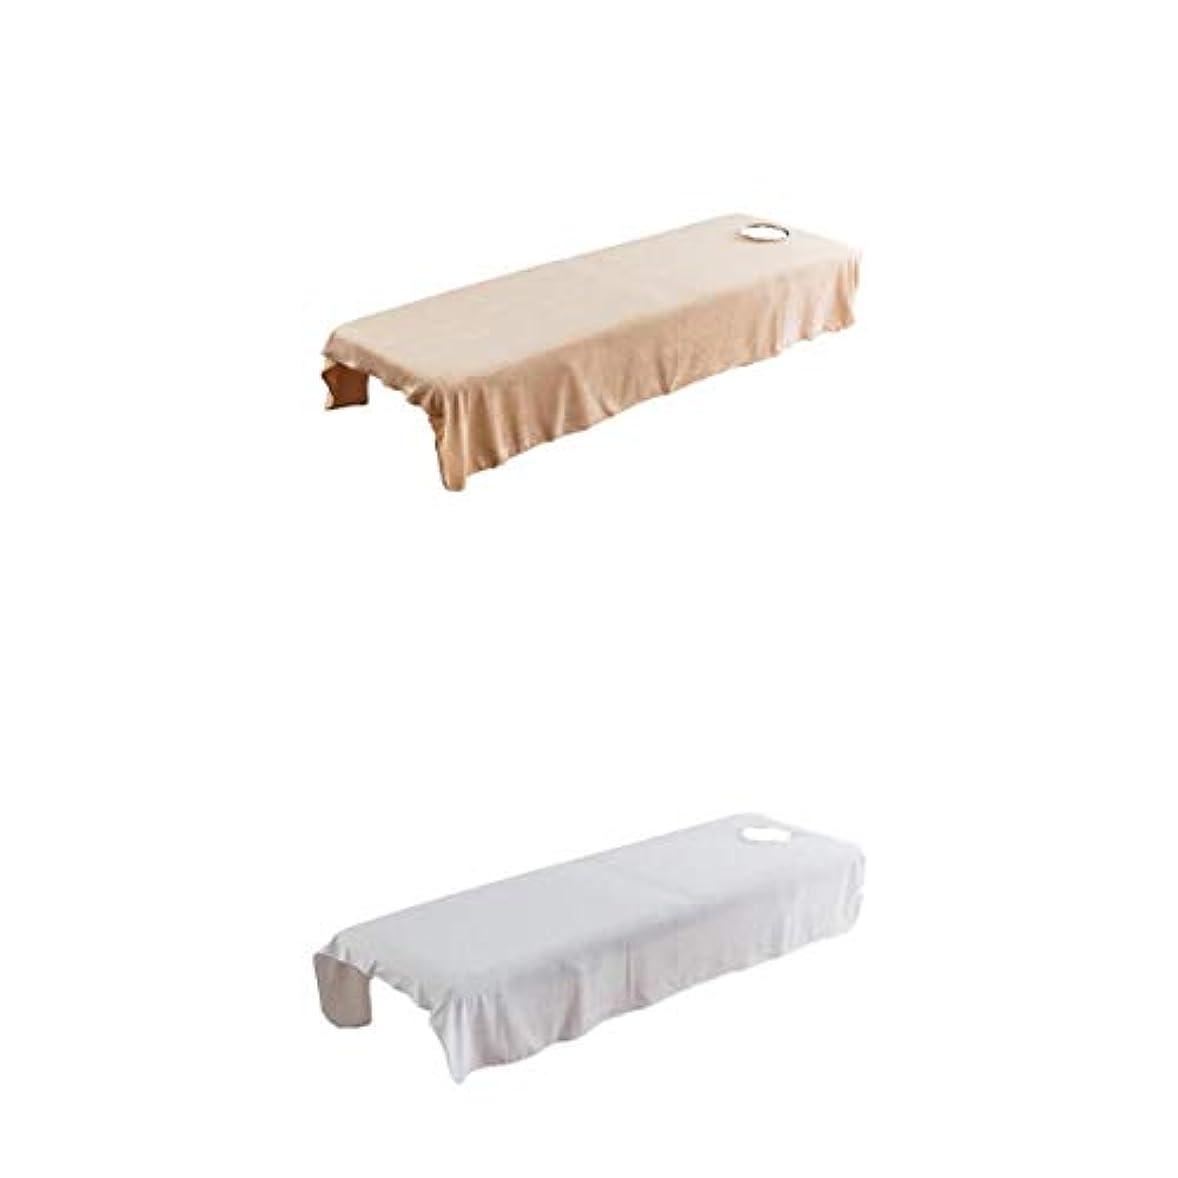 程度くつろぎまたねFenteer 2枚 スパ マッサージベッドカバー 有孔 美容ベッドカバー マッサージ台スカート 120×190センチ